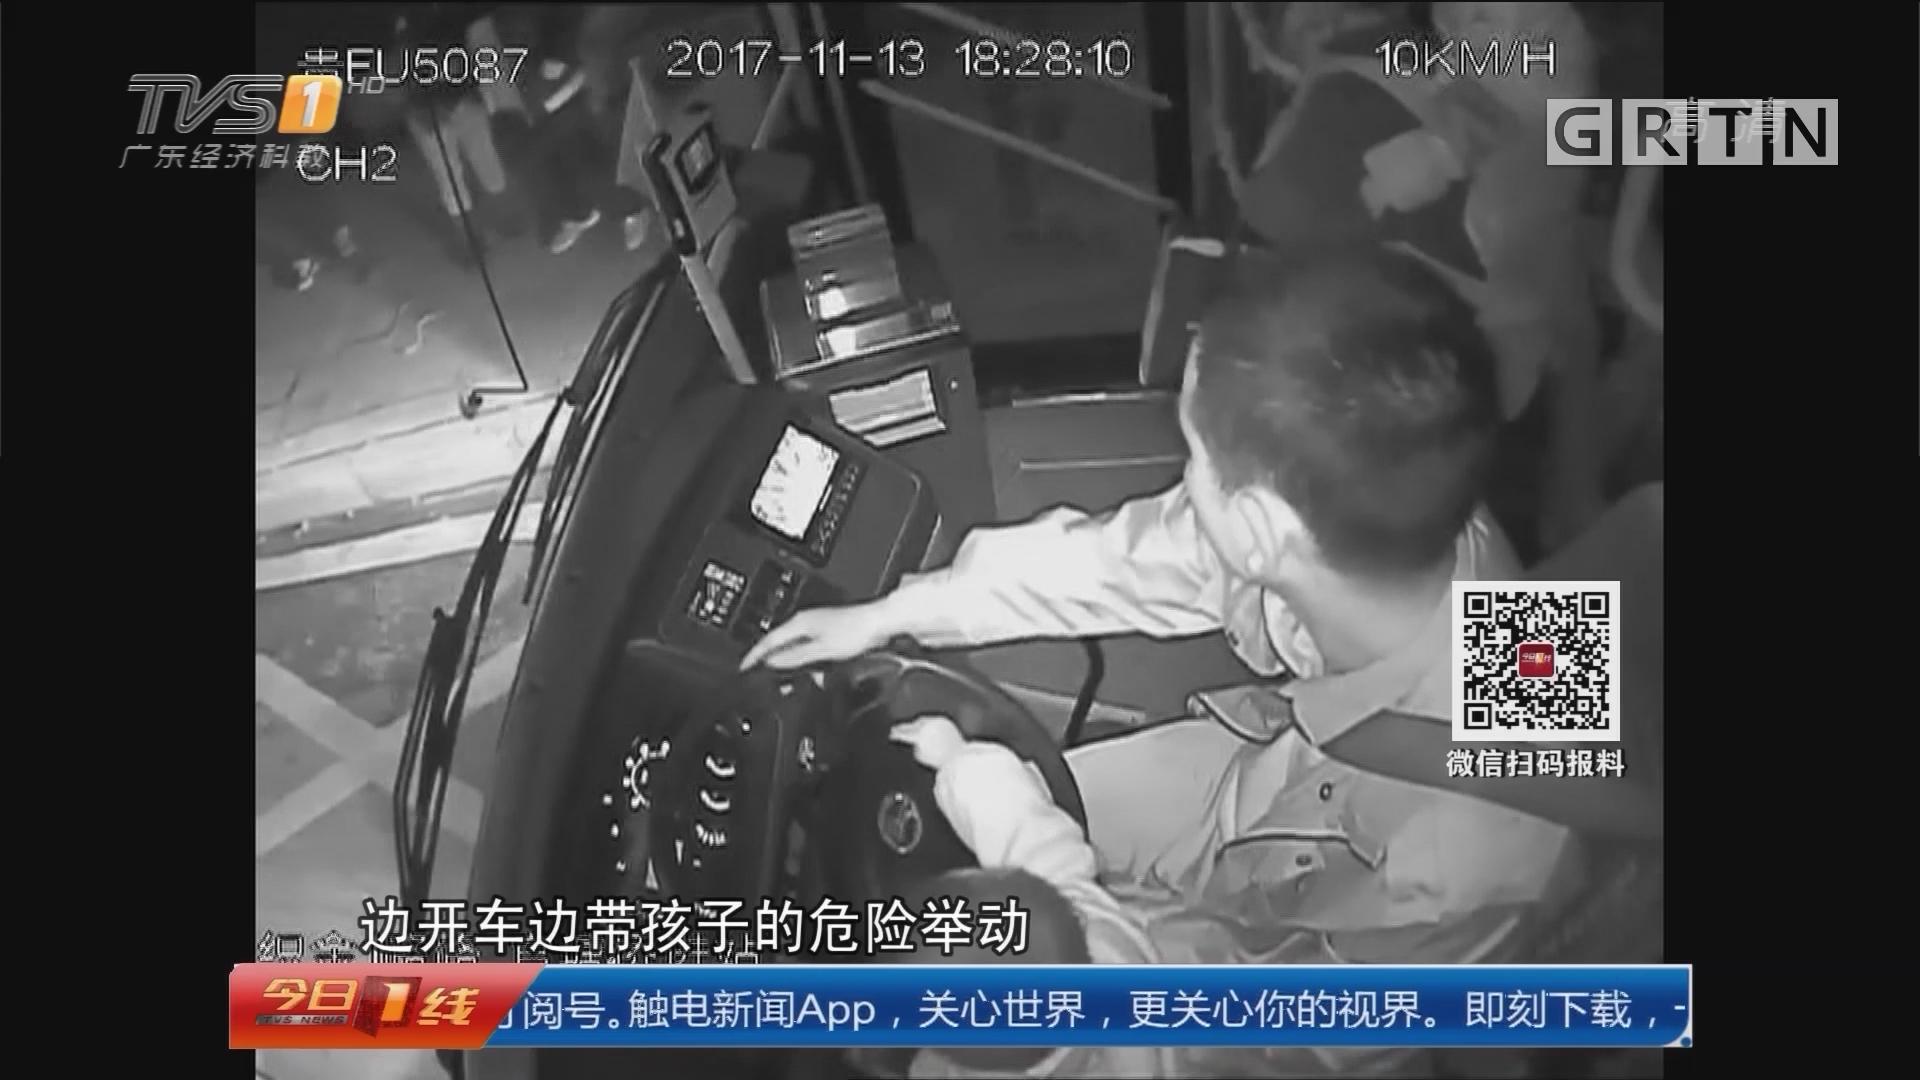 公交车危险驾驶:司机贪图方便 抱着孙子开公交